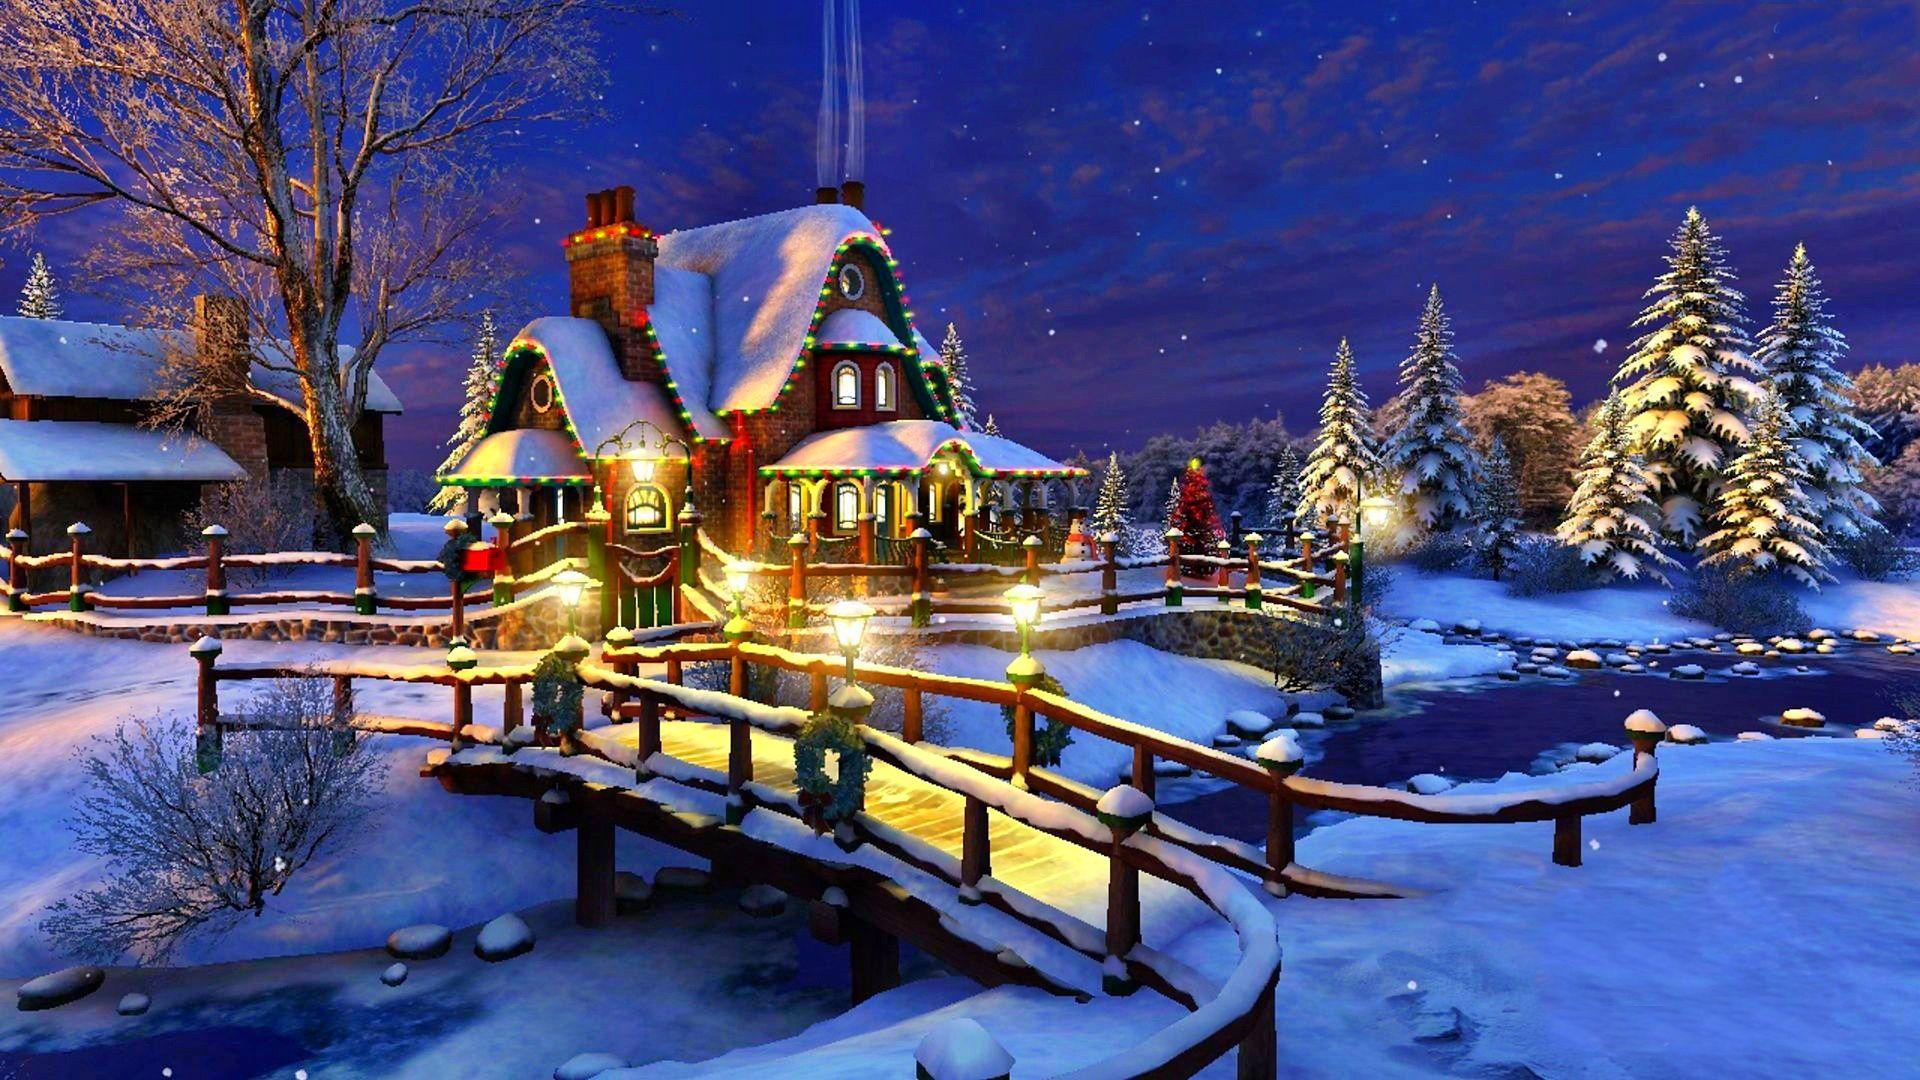 Animated Wallpaper Windows 10 Christmas